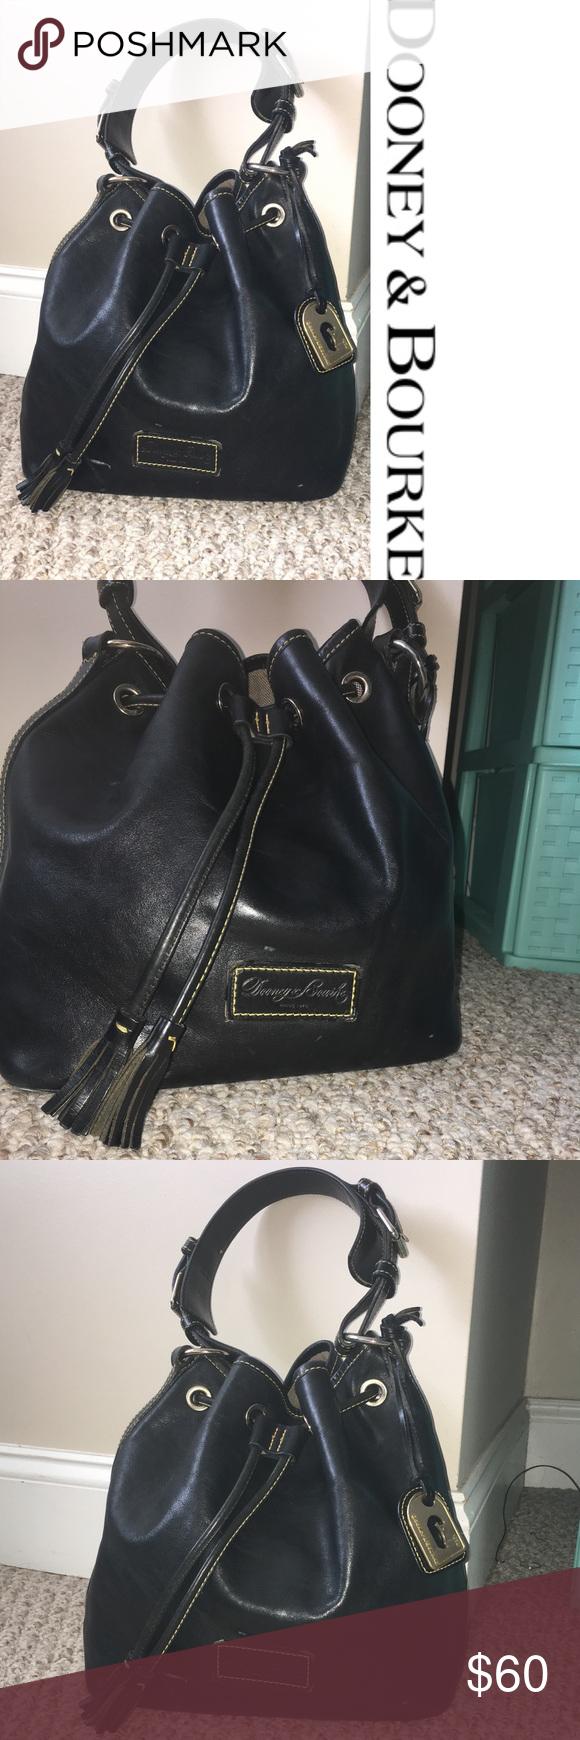 Dooney Bourke Black Leather Bag